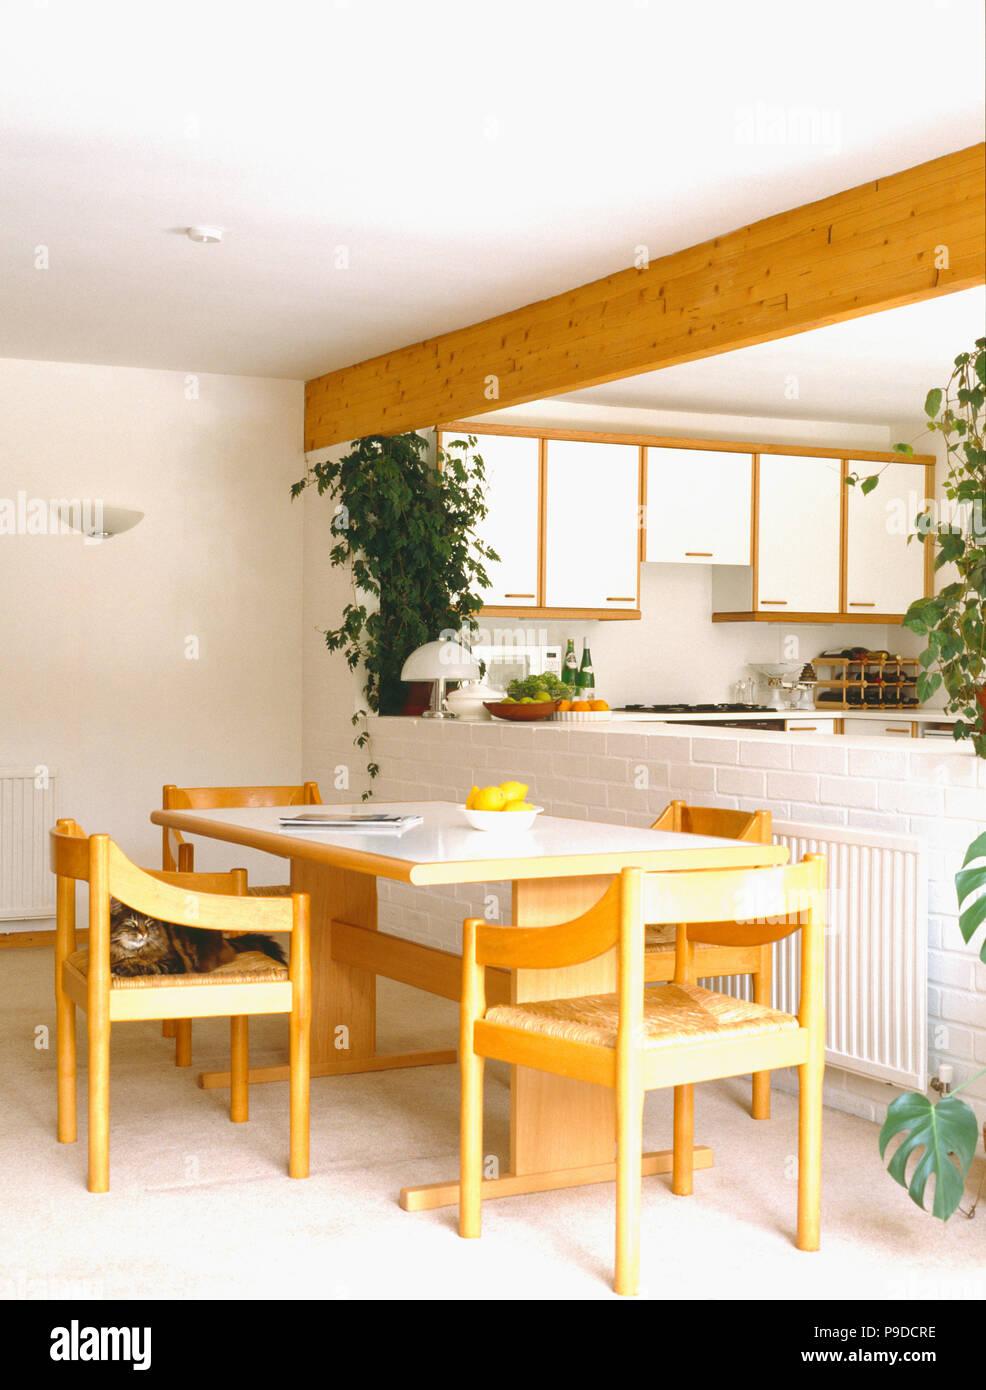 Resopal   Tisch Und Stühle Aus Holz Mit Rush Sitze In Openplan Küche Und  Esszimmer Mit Weiß Gefliestem Boden